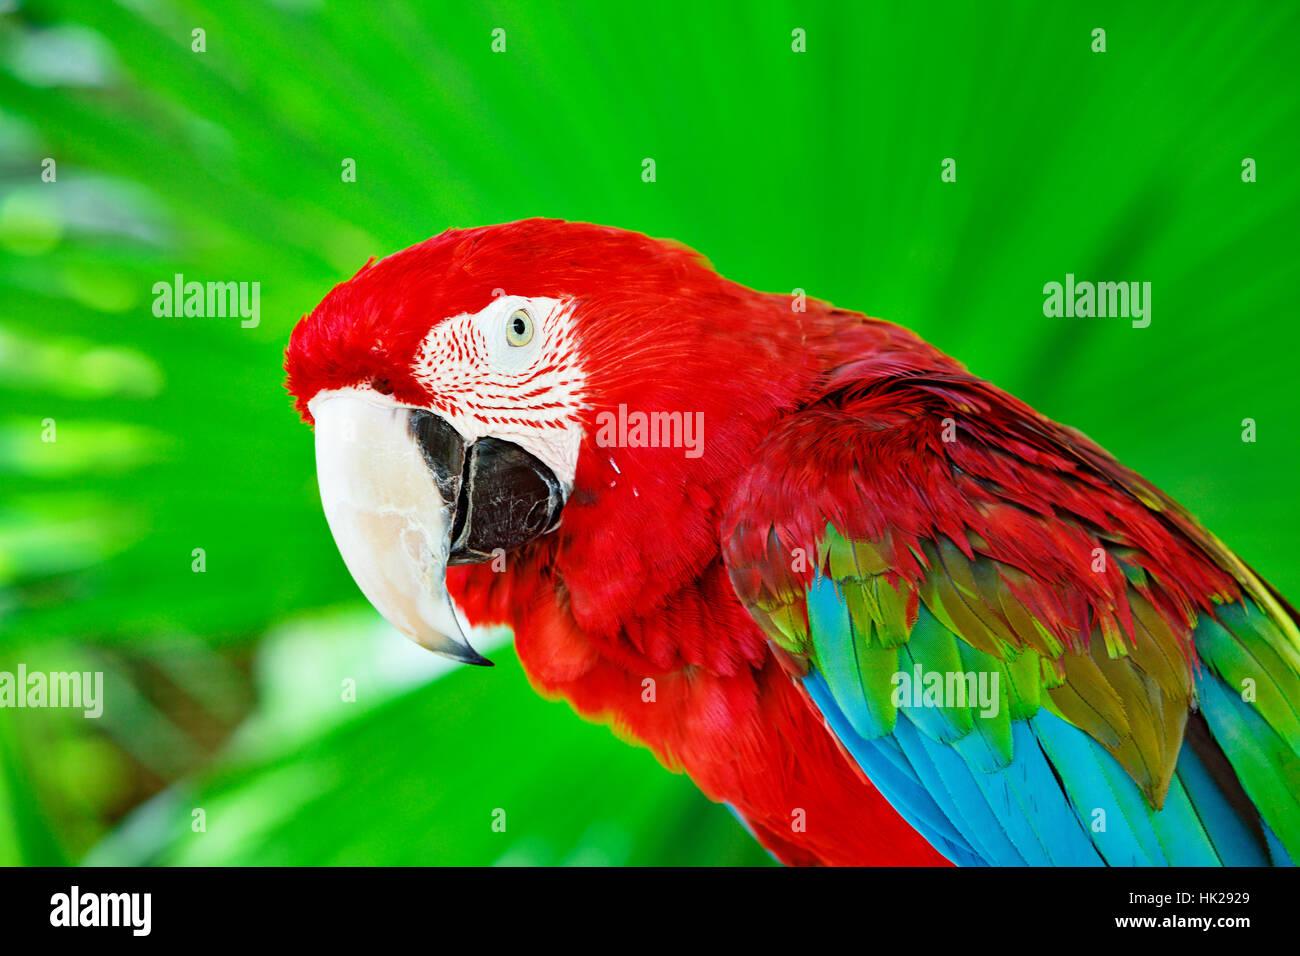 Retrato de guacamaya roja contra el Parrot Jungle. Loro cabeza sobre fondo verde. La naturaleza, la fauna y aves Imagen De Stock